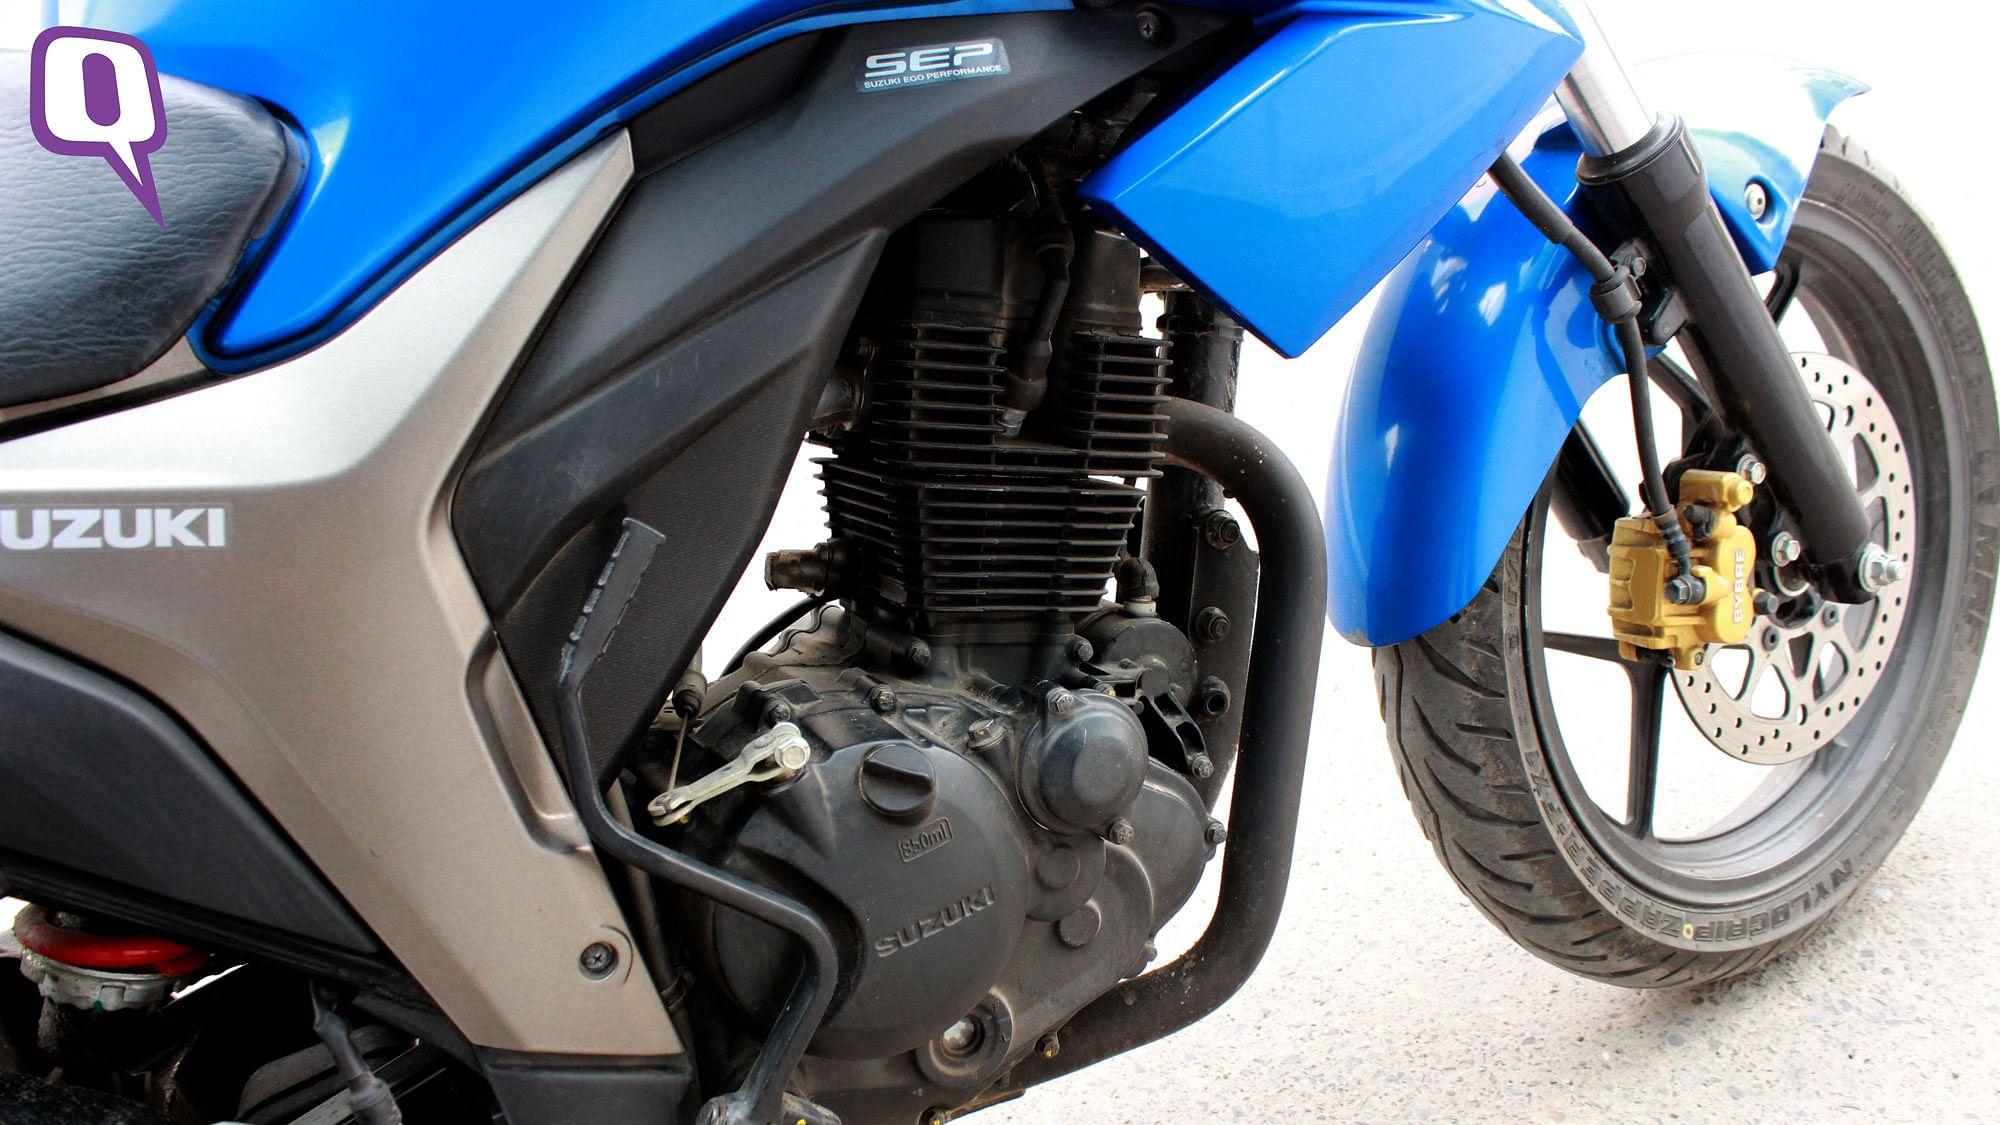 Suzuki Gixxer SF review, test ride - Autocar India